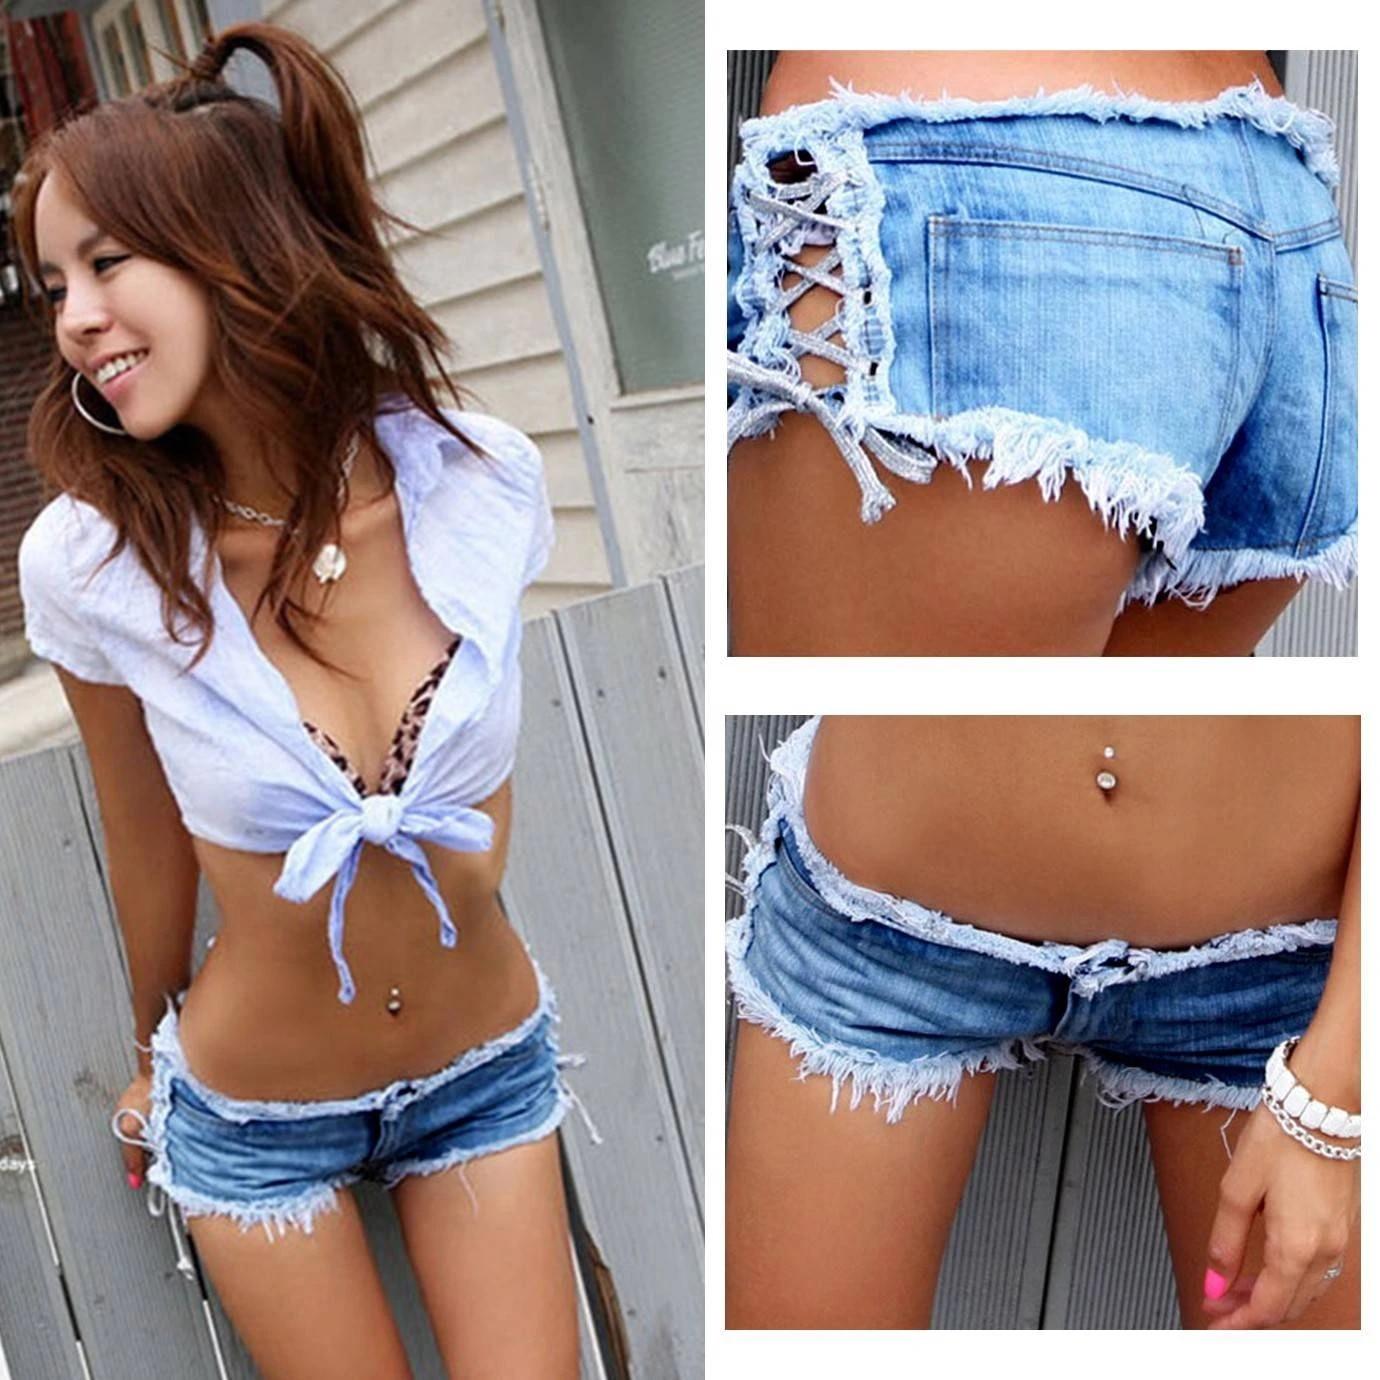 Shorts No Panties Images